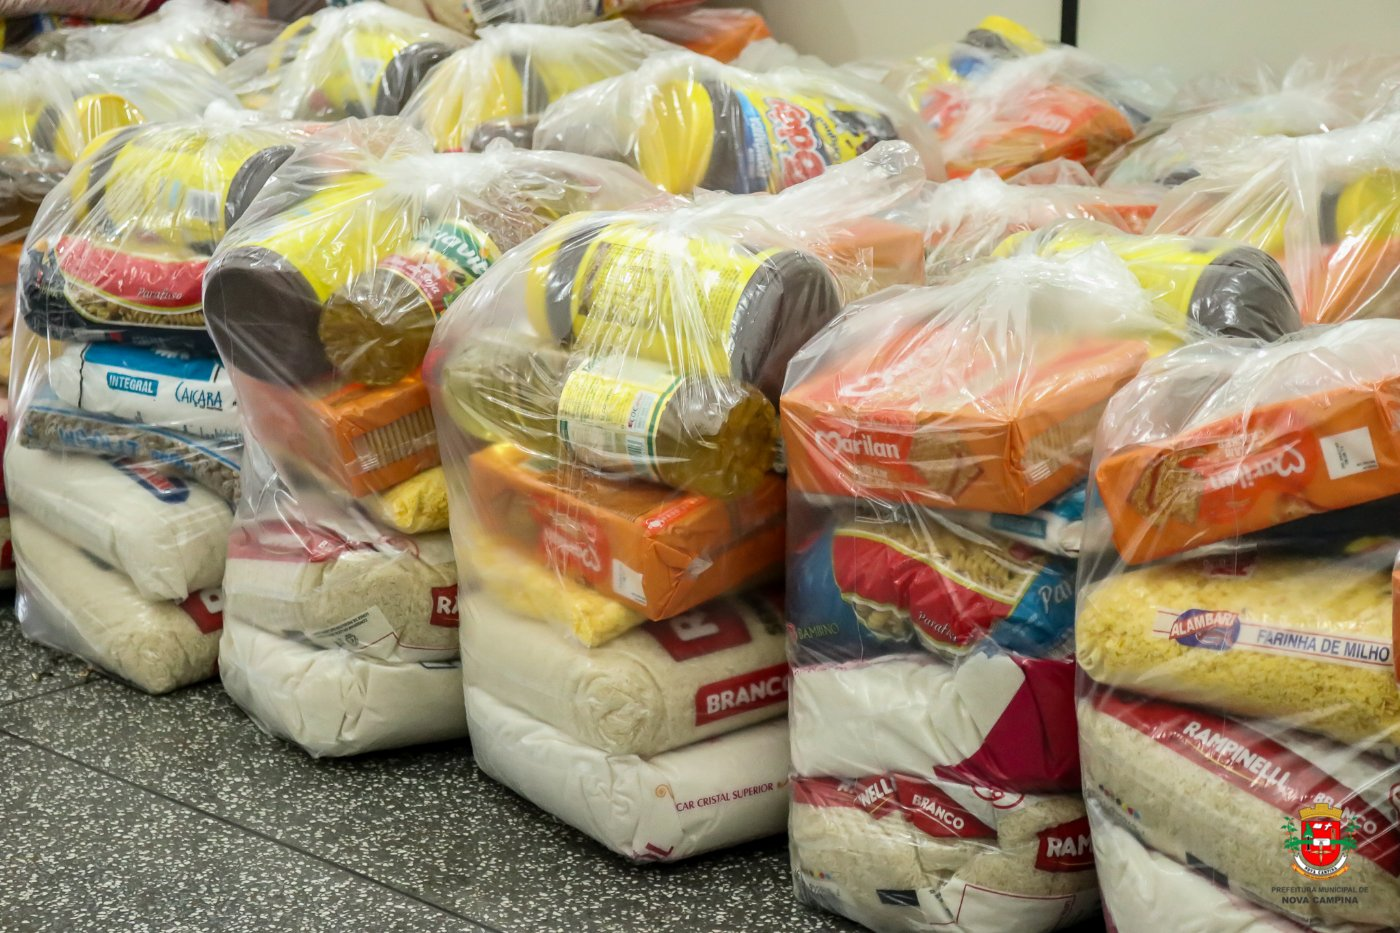 Alunos da Feti entregam mais 30 cestas básicas arrecadadas na campanha #tamojunto